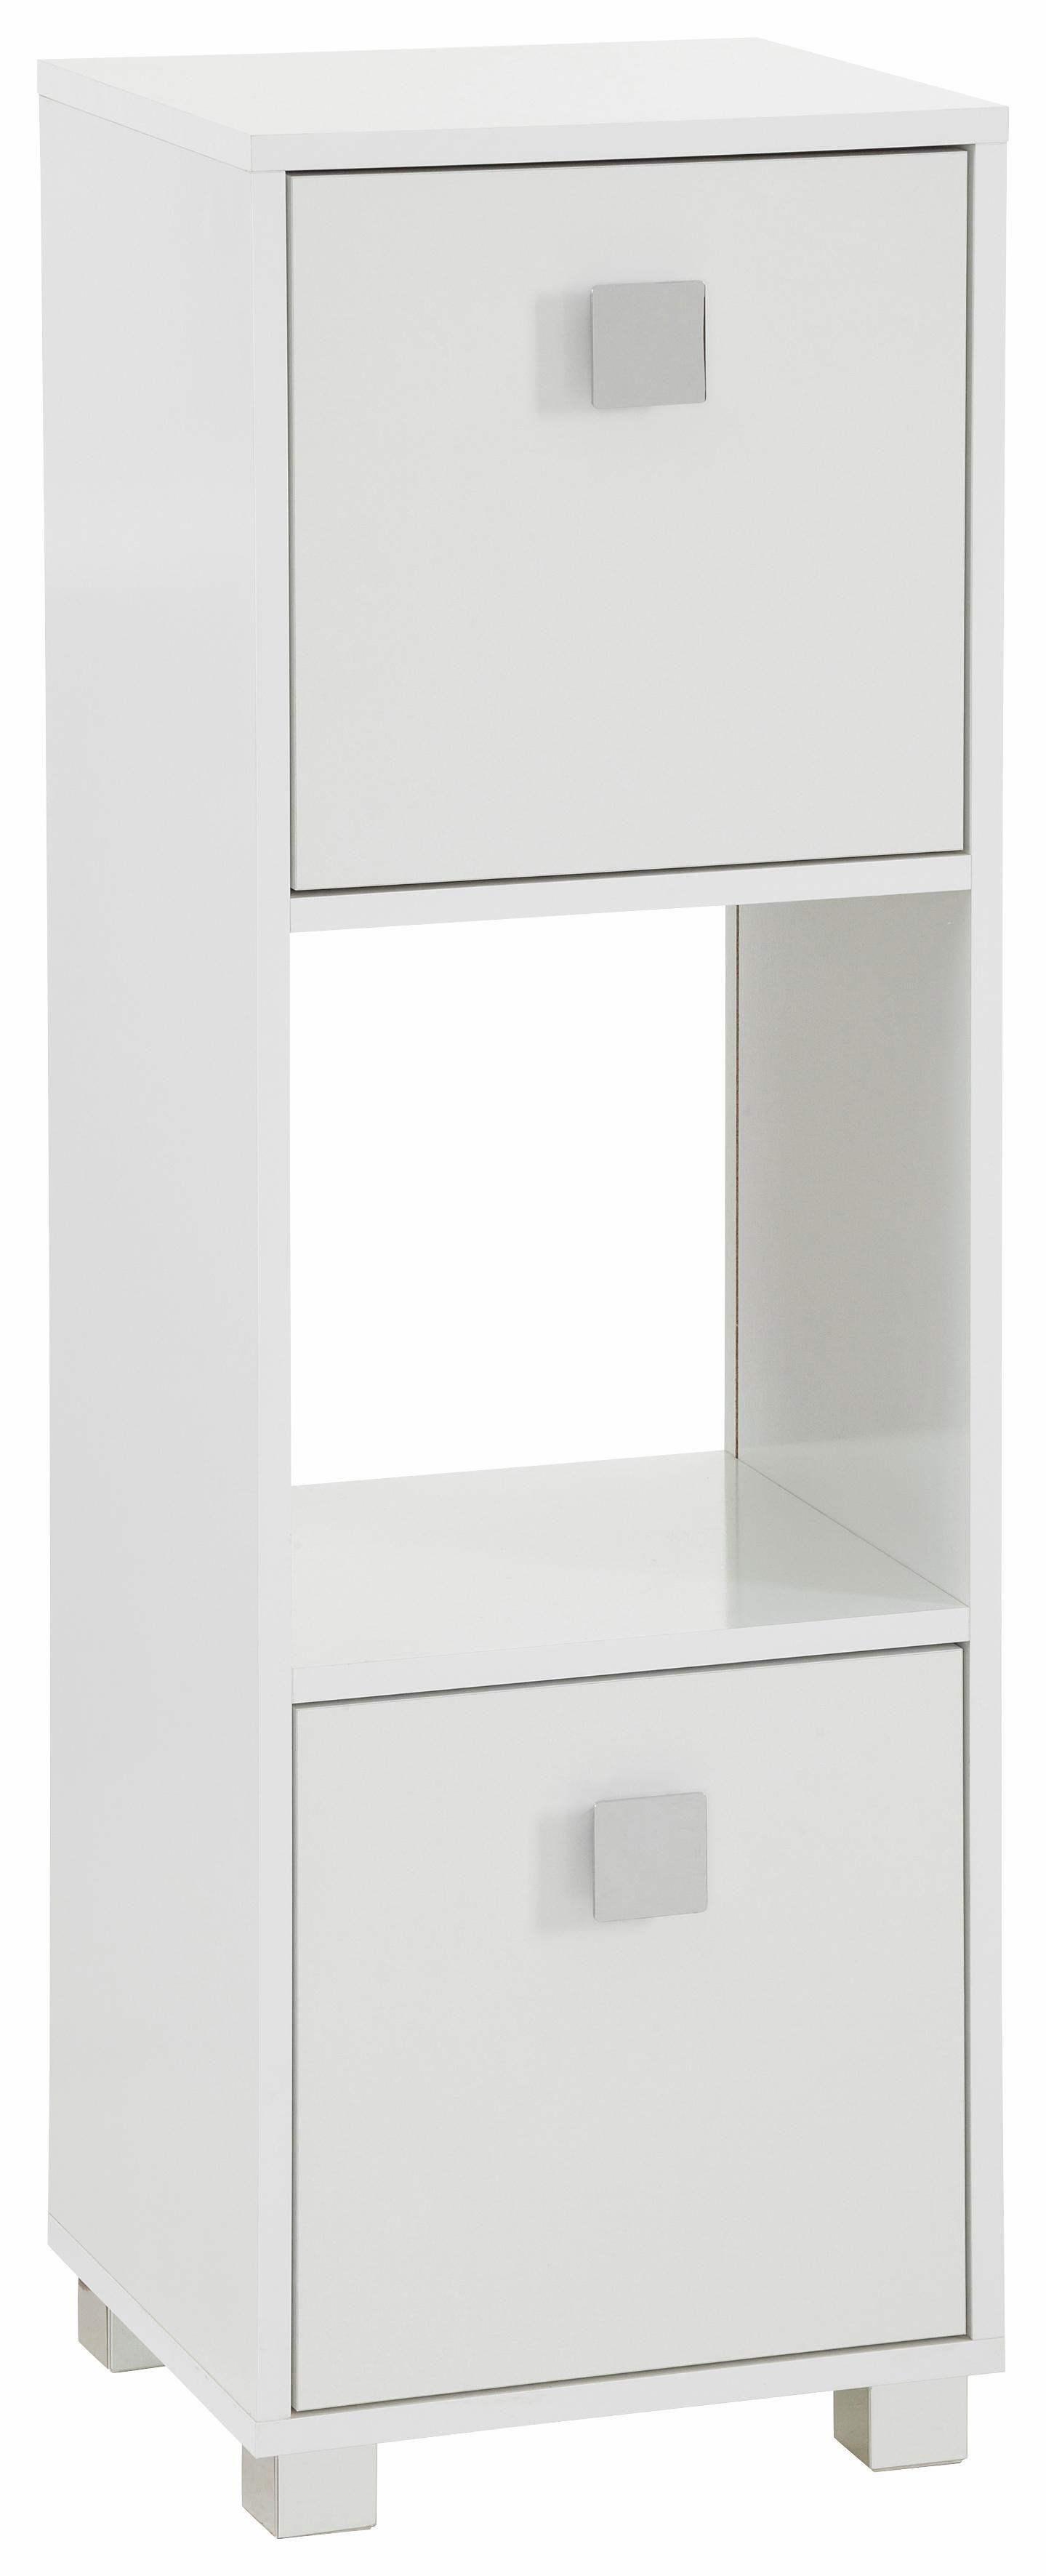 Schildmeyer Midischrank »Box«